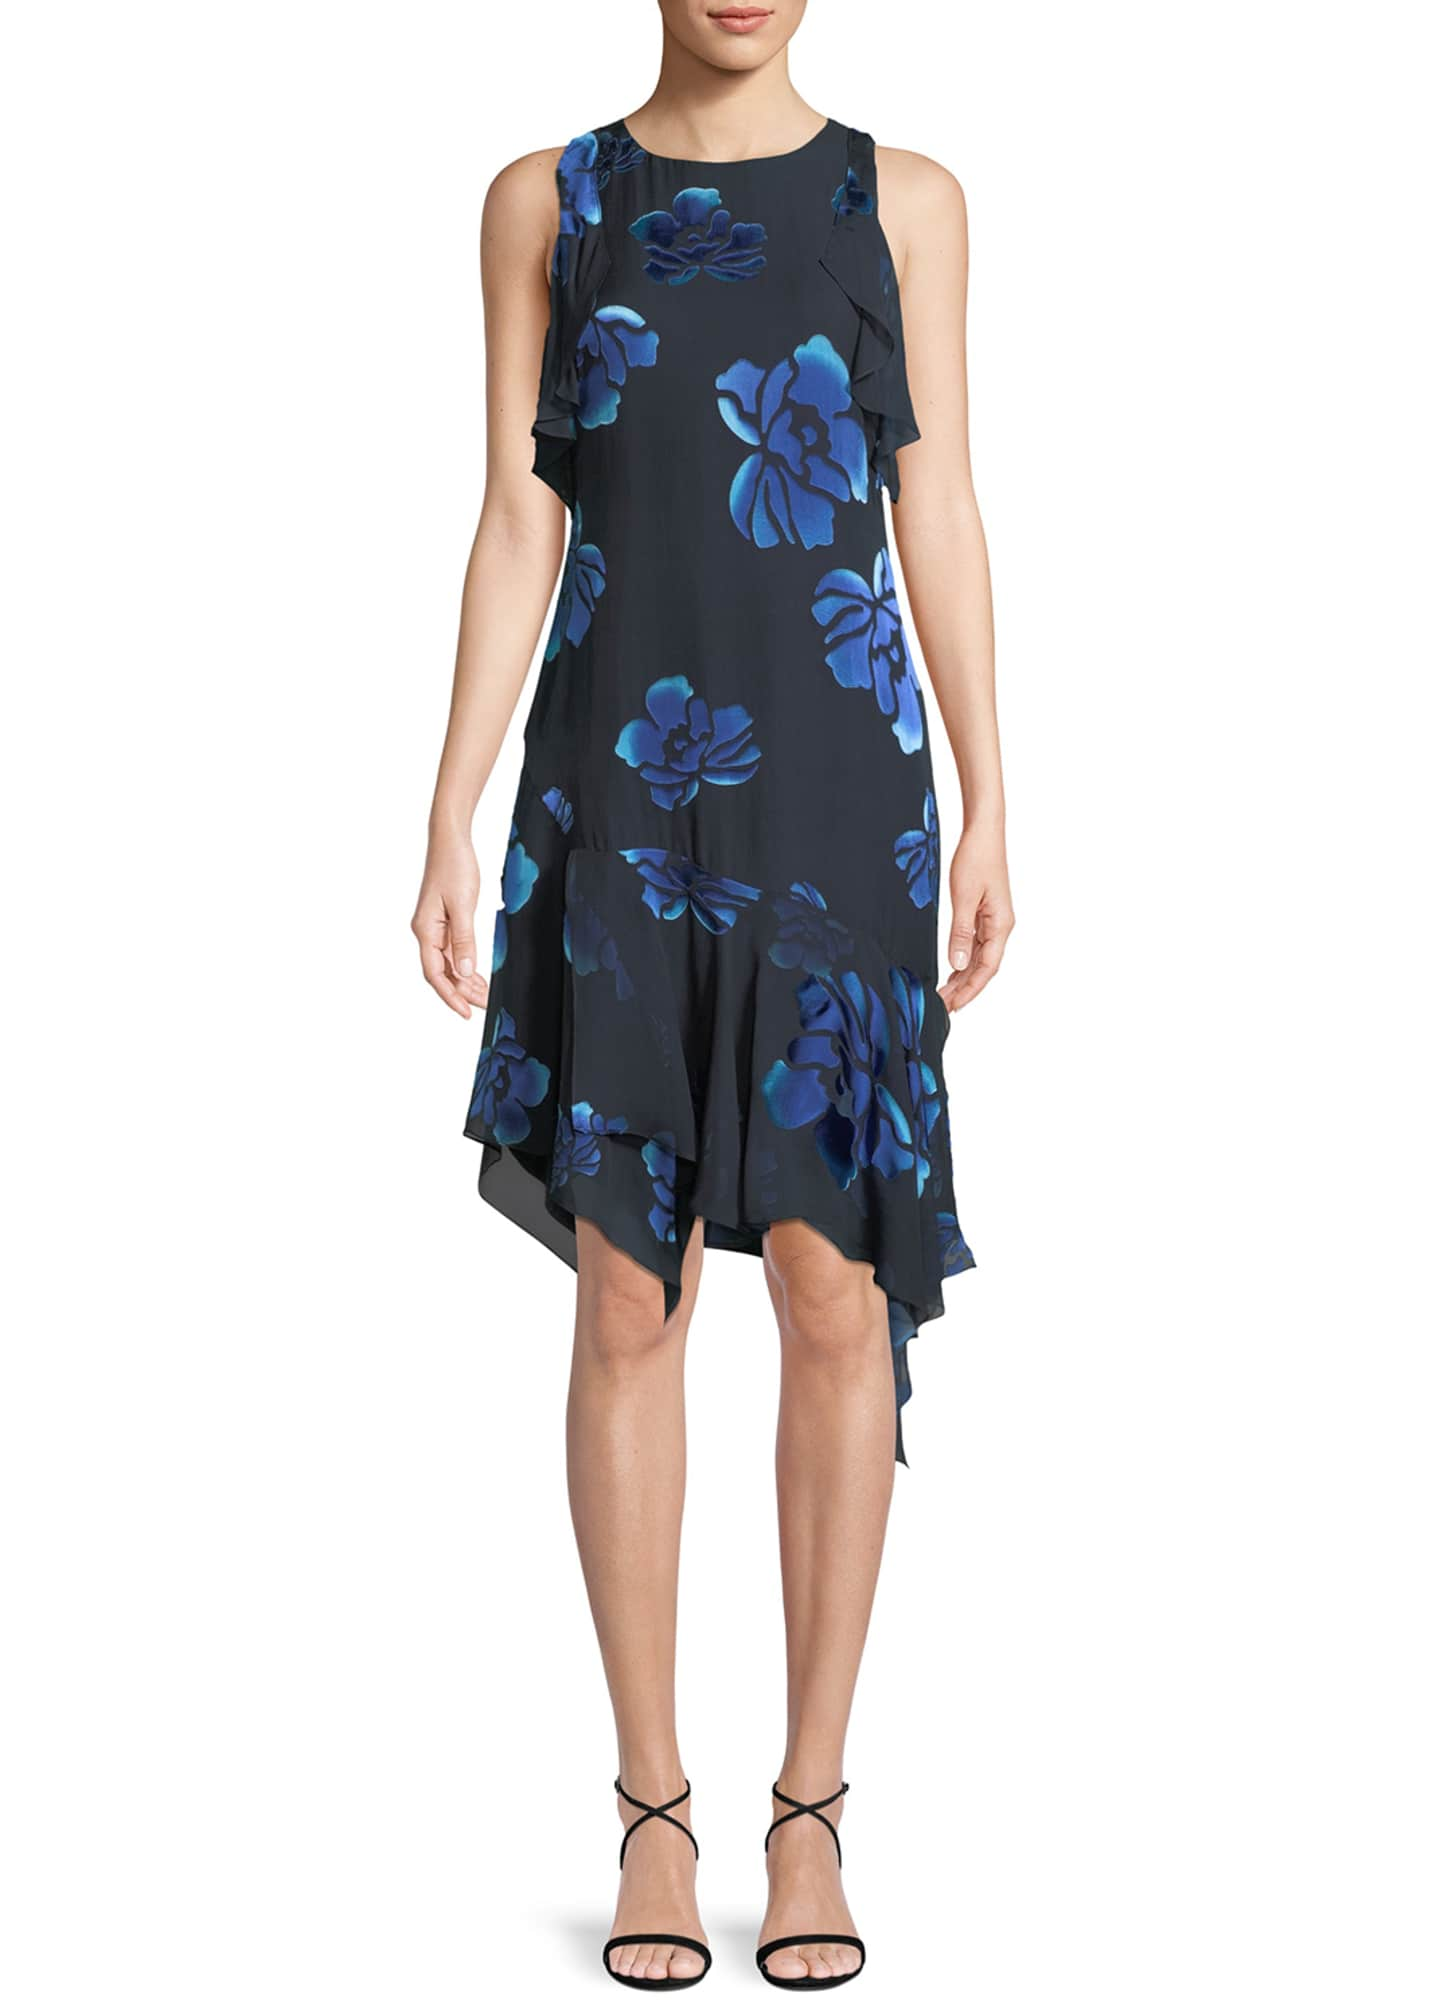 Elie Tahari Serenity Floral-Burnout Ruffled Dress